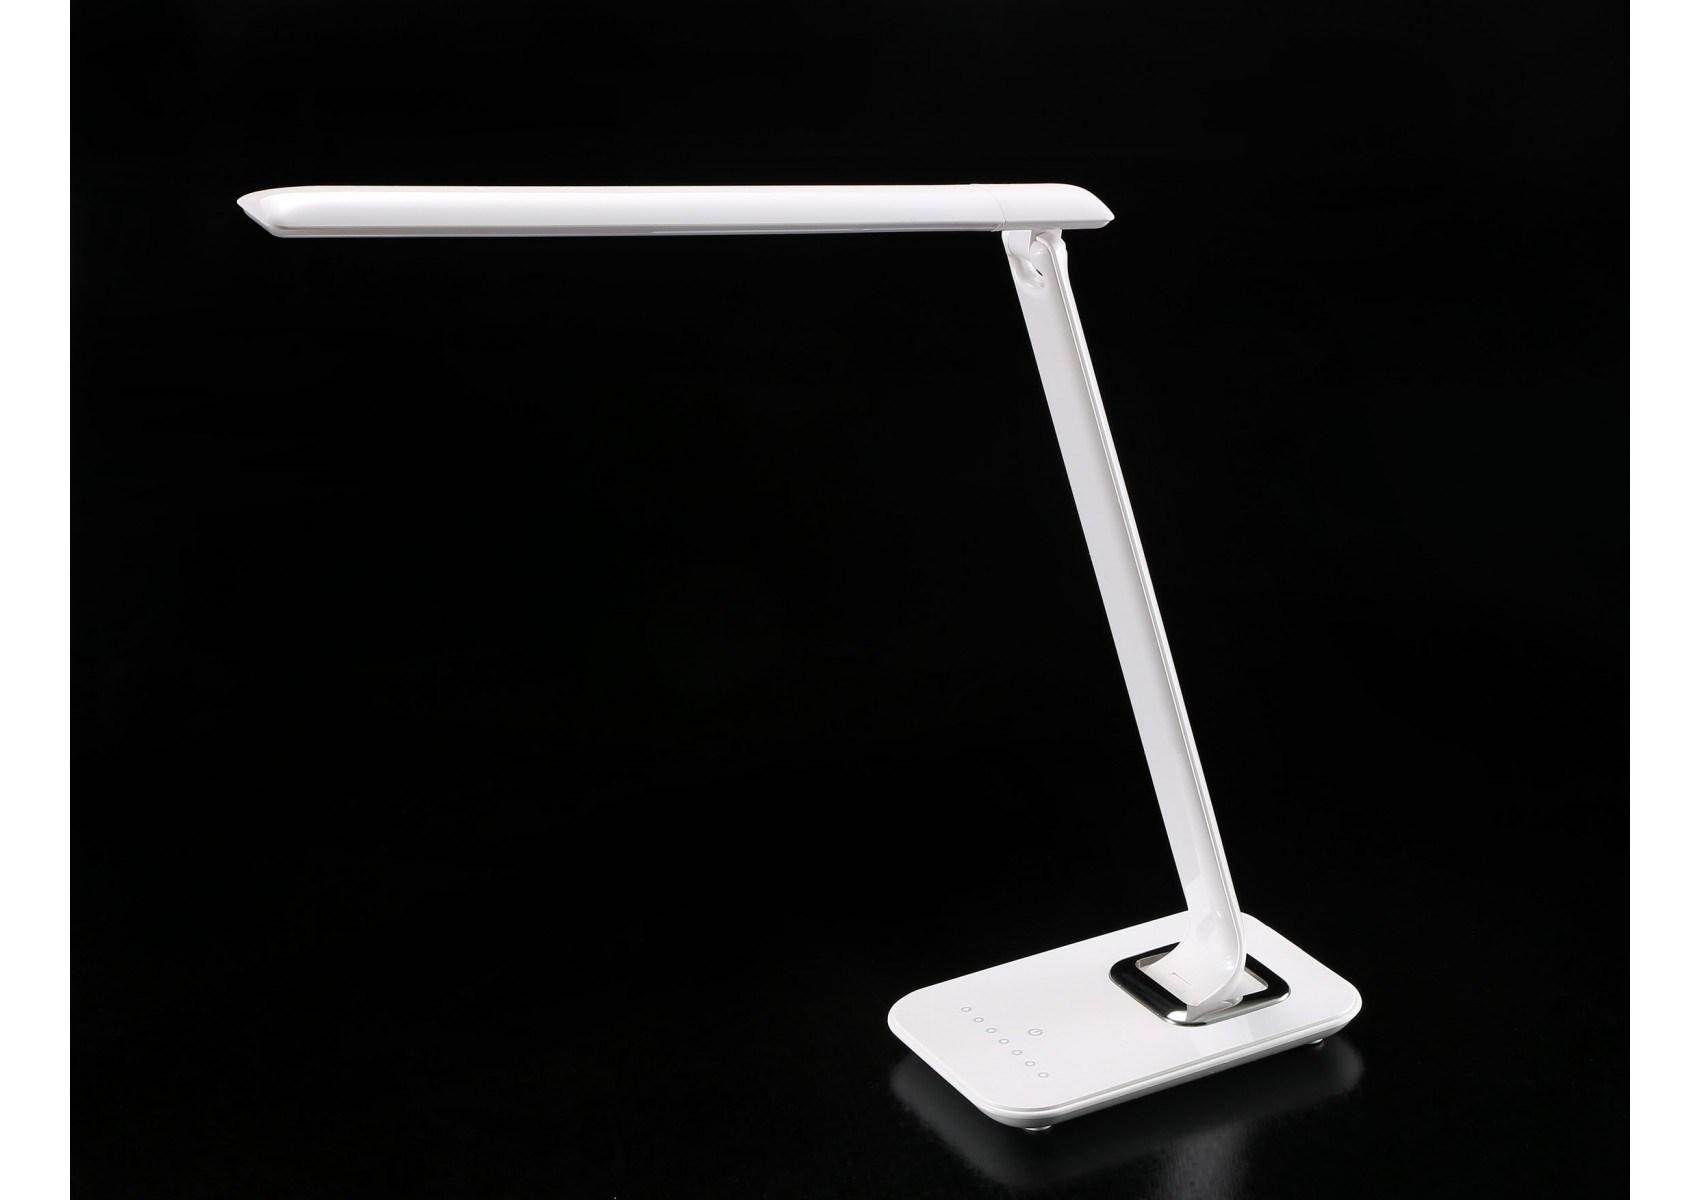 Lampe de bureau led tactile orientable usb bob aluminor